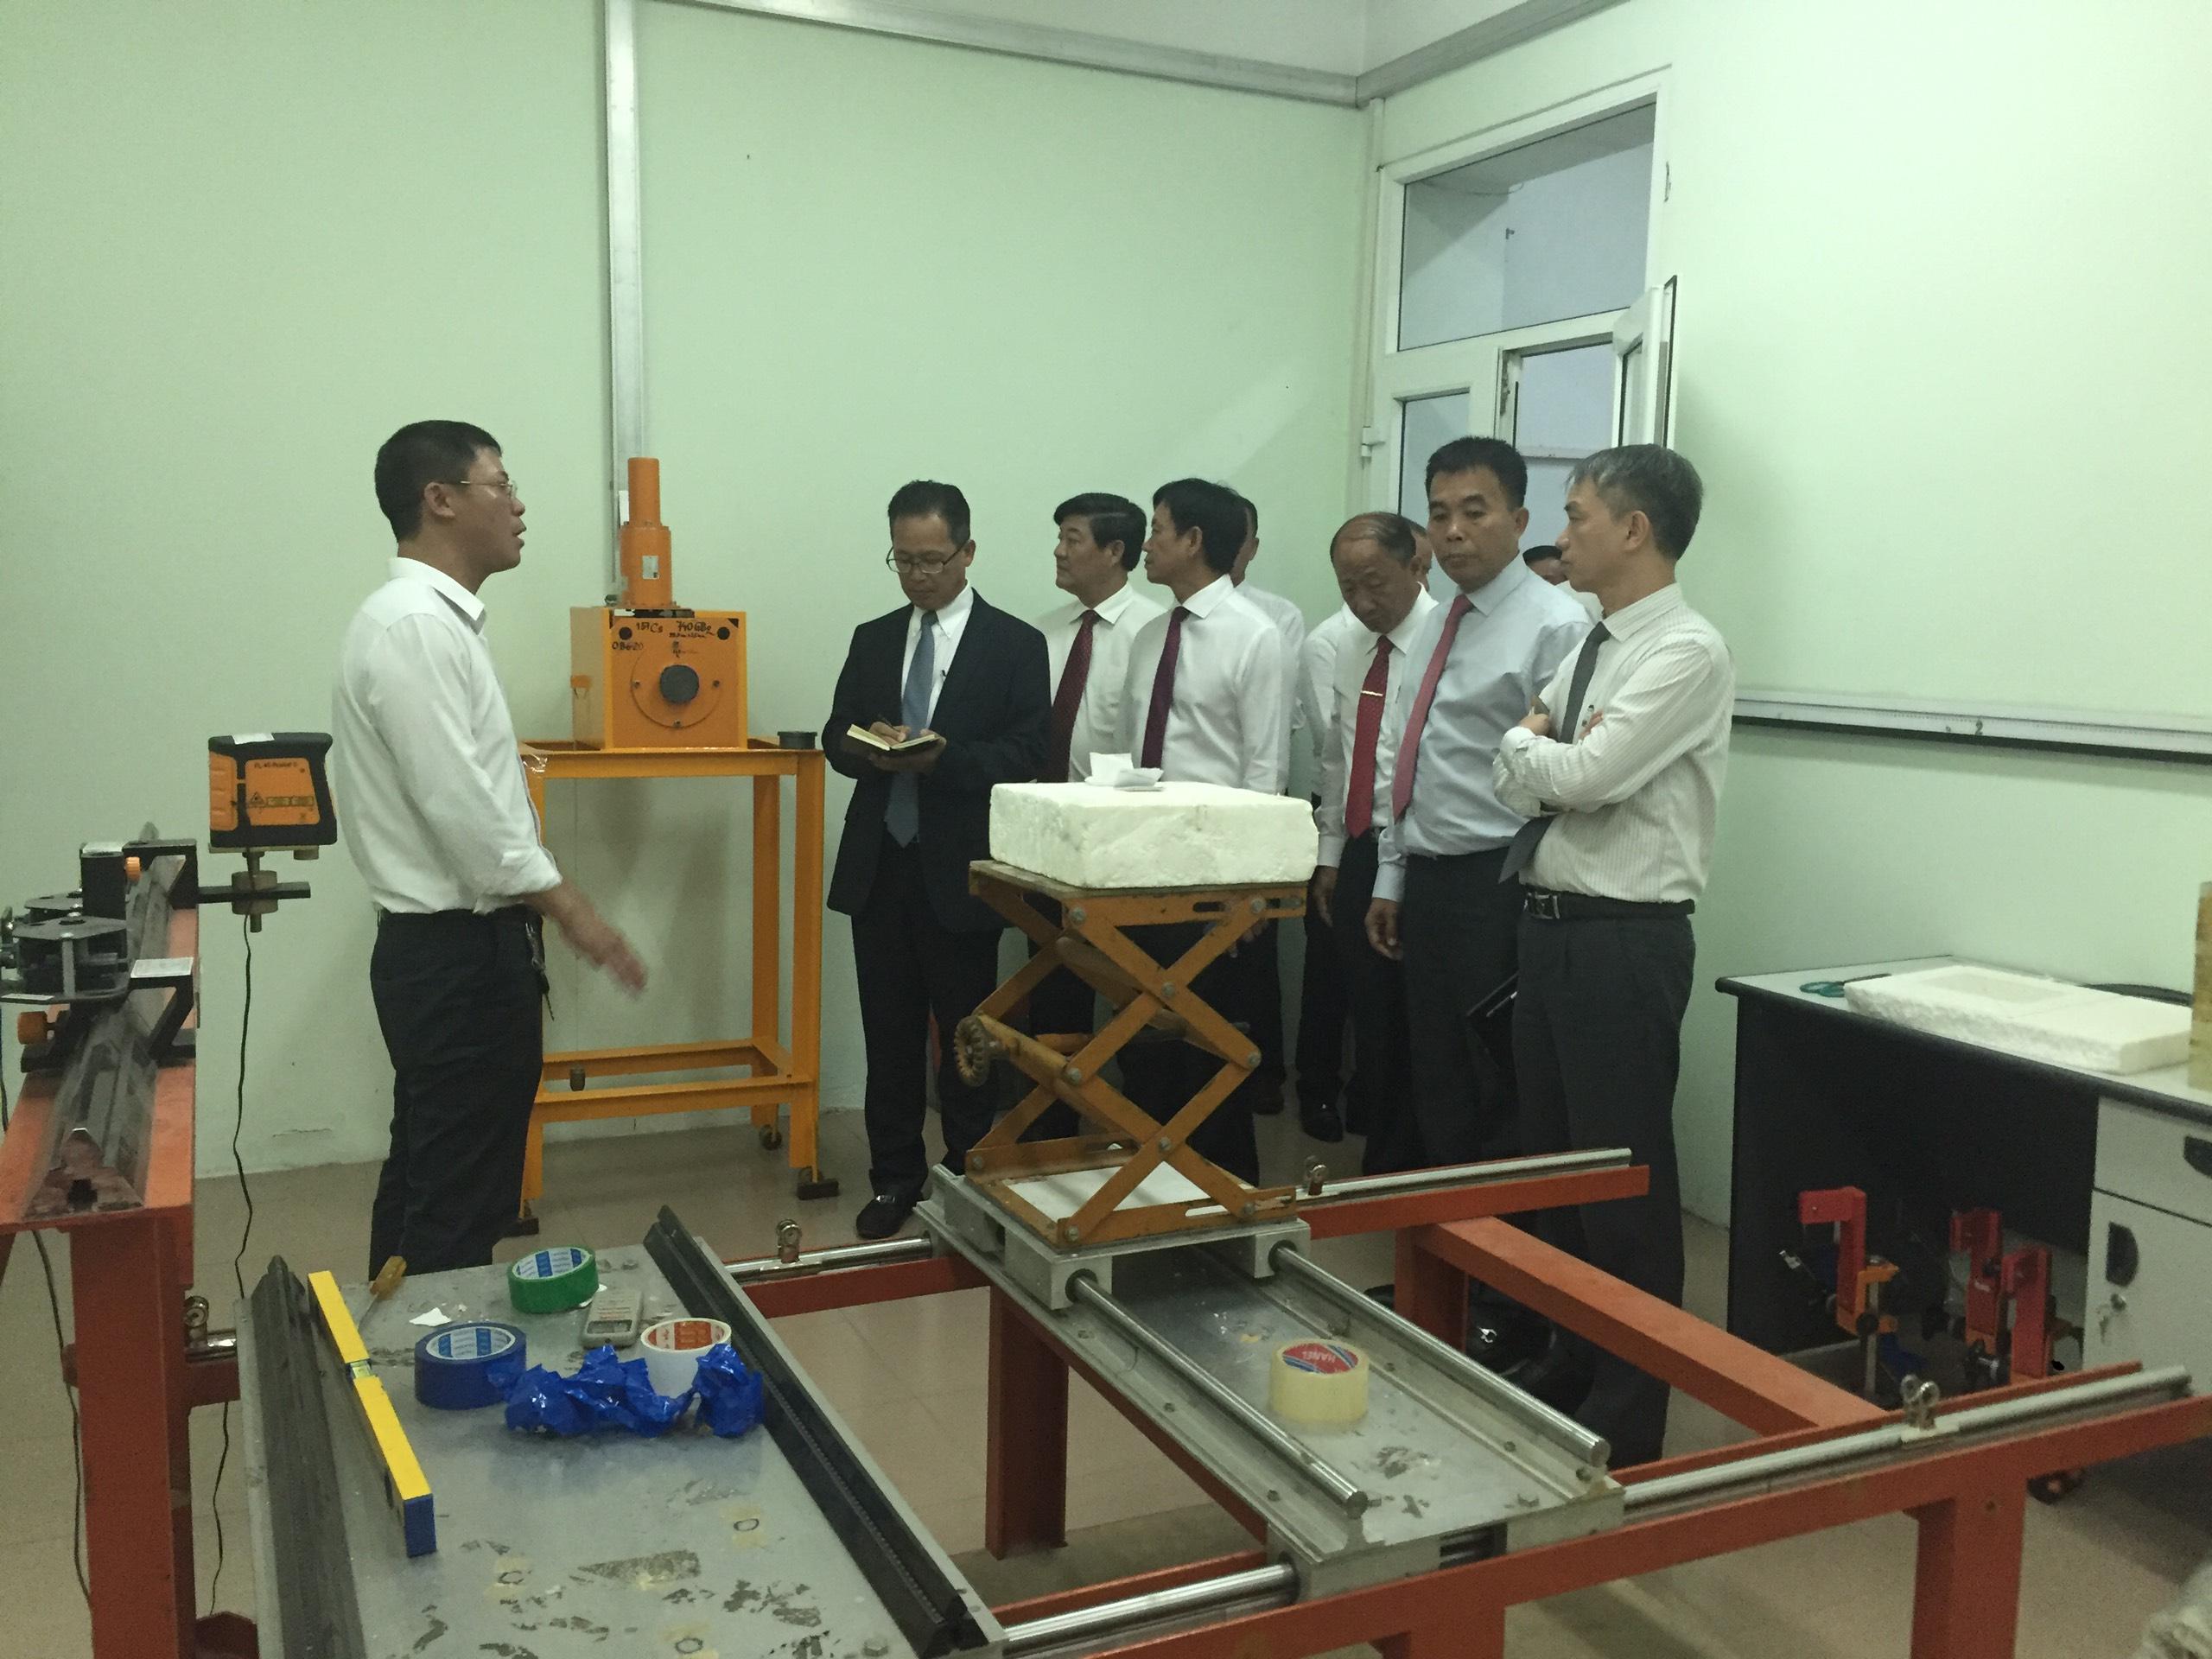 Viện Khoa học và Kỹ thuật hạt nhân đón tiếp và làm việc với Đoàn công tác Campuchia